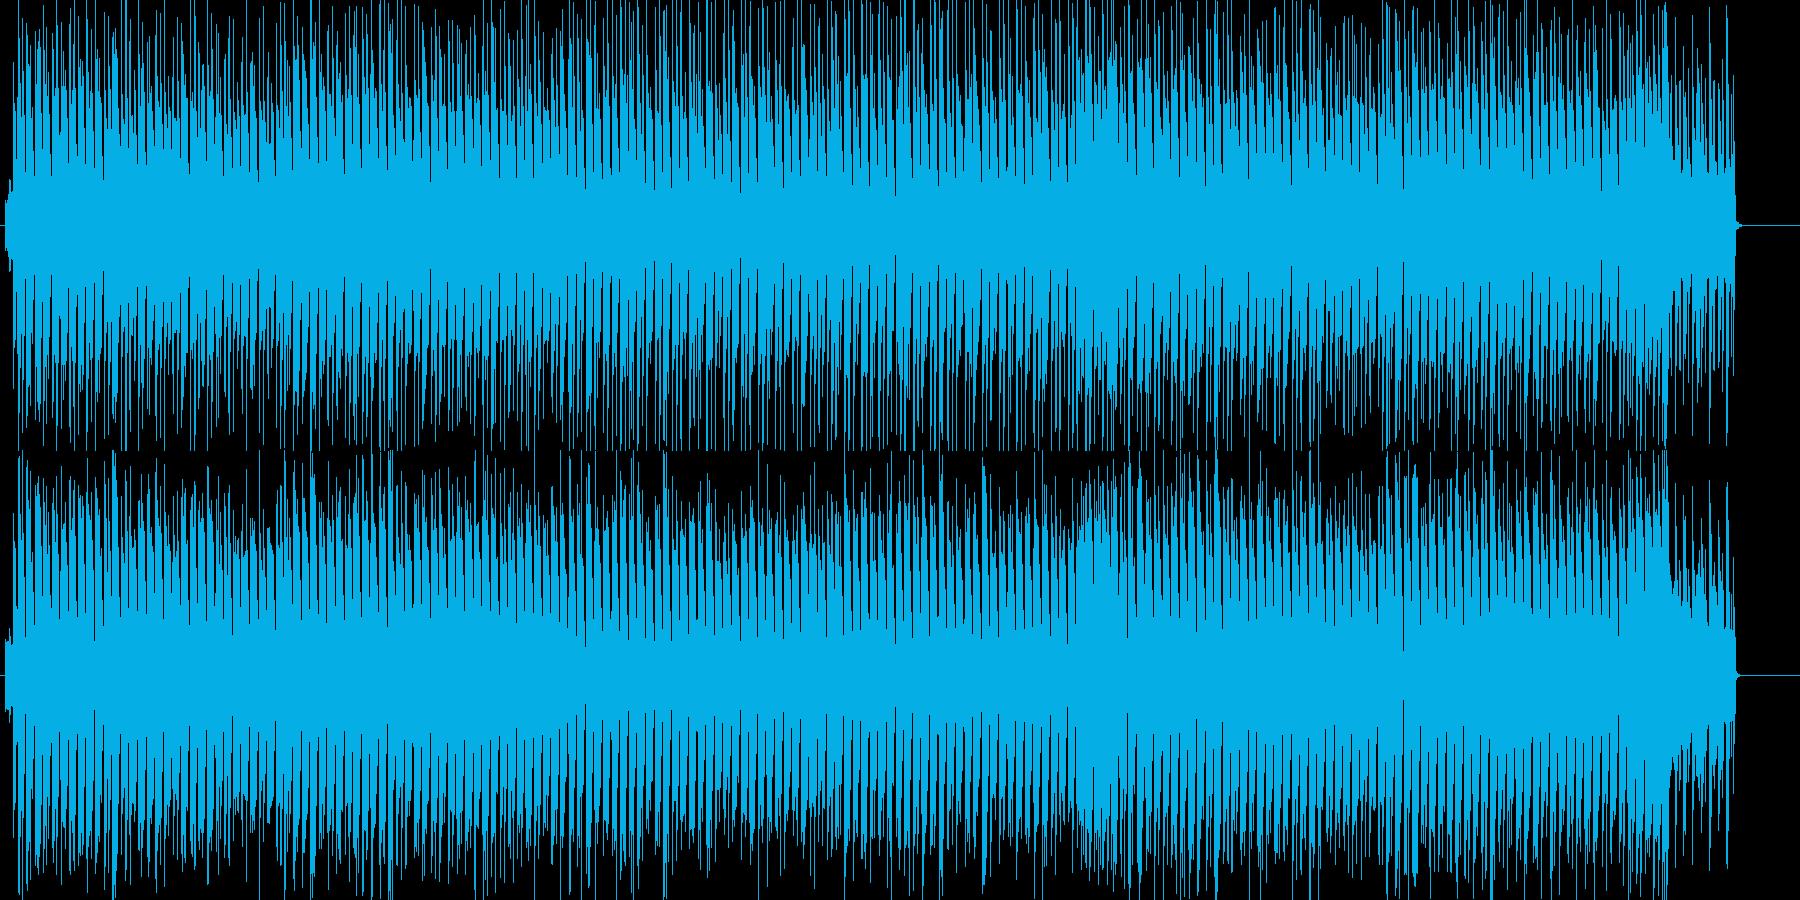 レトロシューティング風のかわいいテクノの再生済みの波形